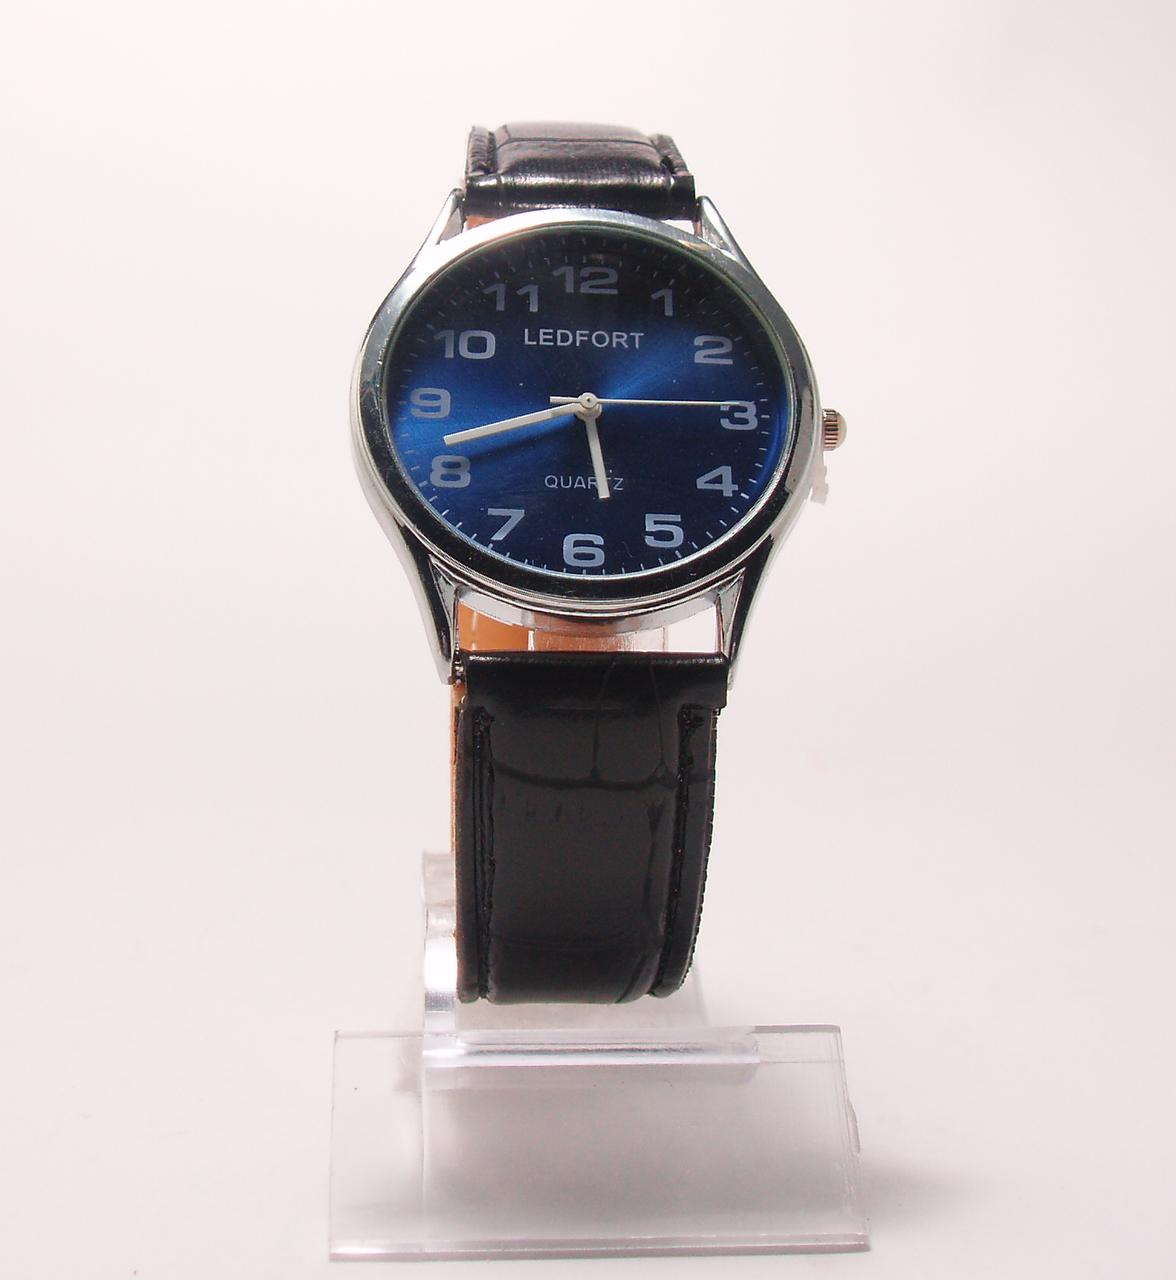 Цена часы наручные ledfort мужские наручные часы екатеринбург интернет магазин